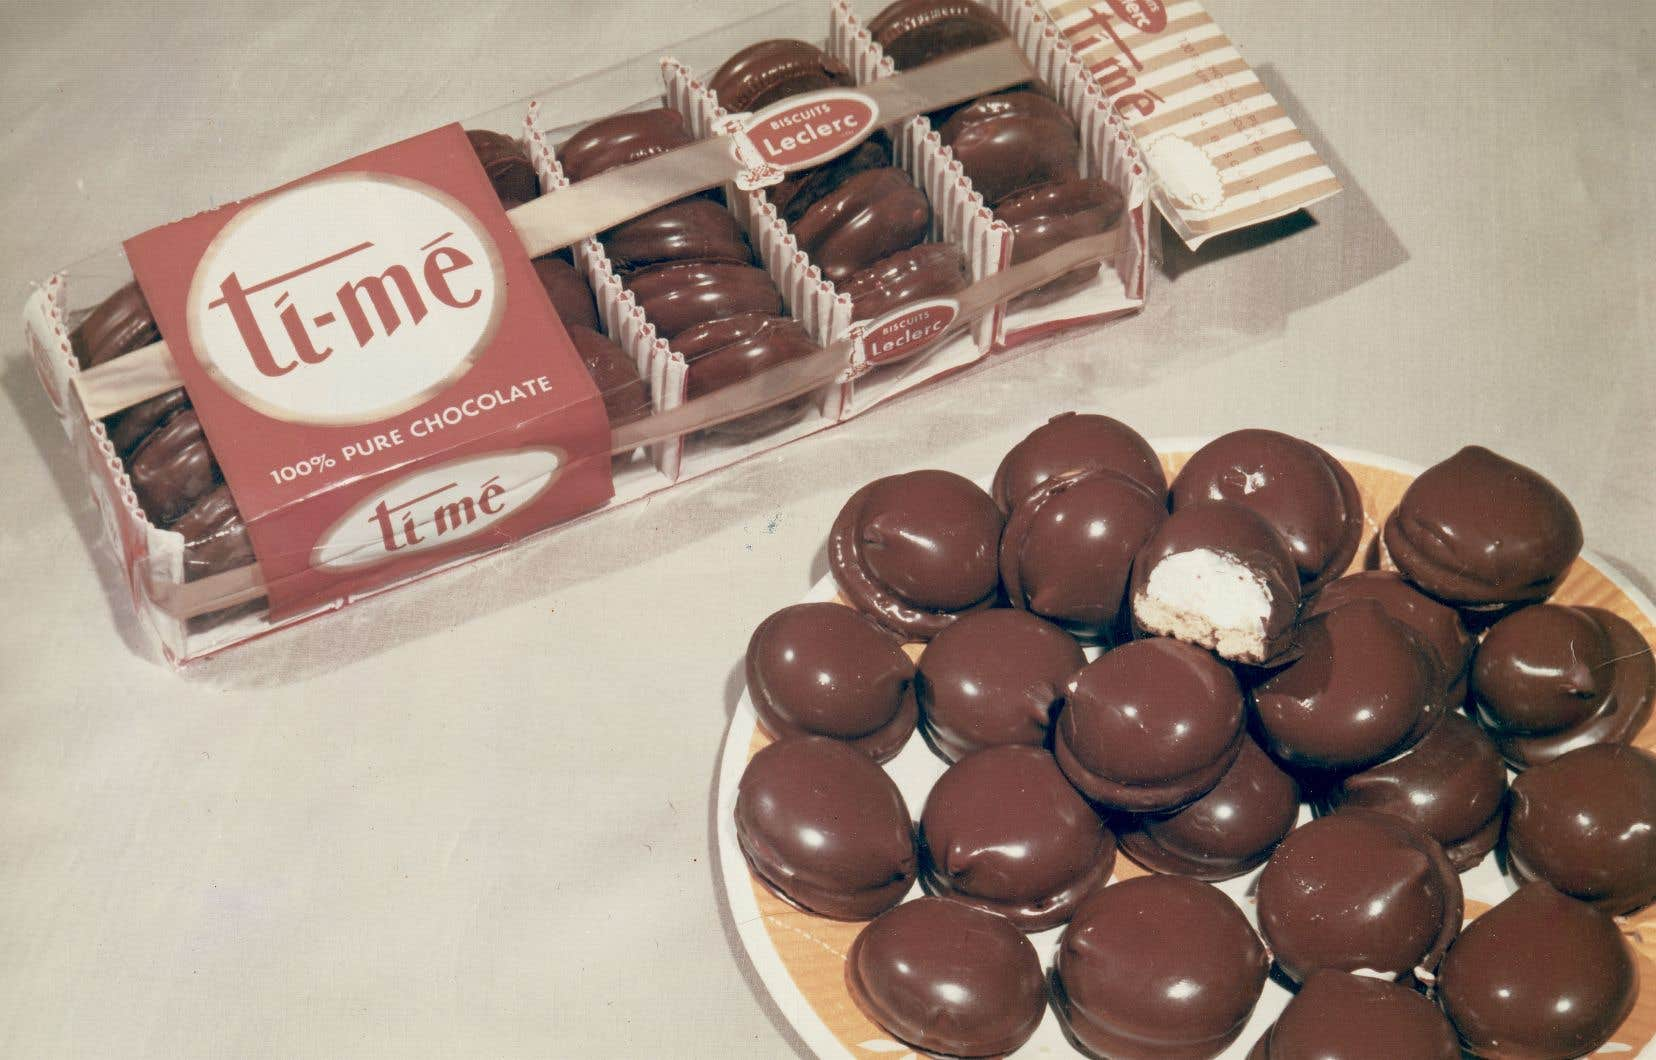 Les biscuits Ti-Mé produits par Biscuits Leclerc en 1950